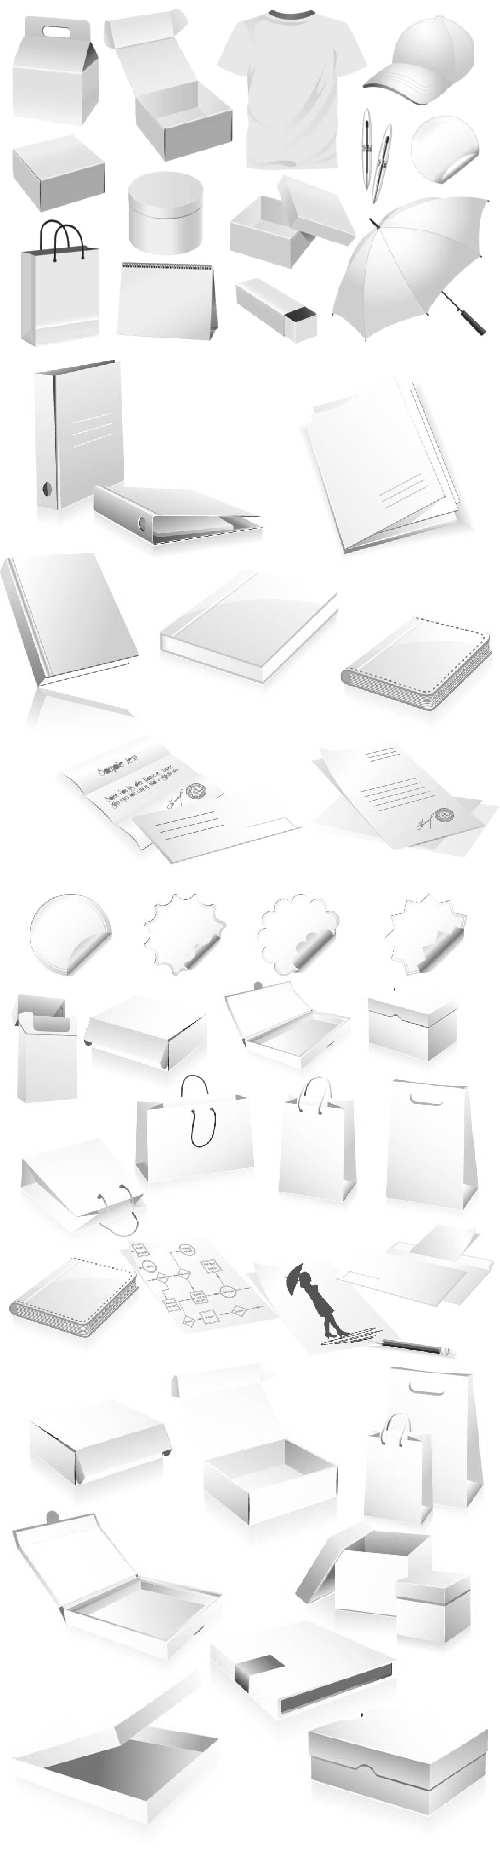 多款矢量vi空白模板素材,内含盒子类,手提袋子,书本标签,衣服帽子,雨伞